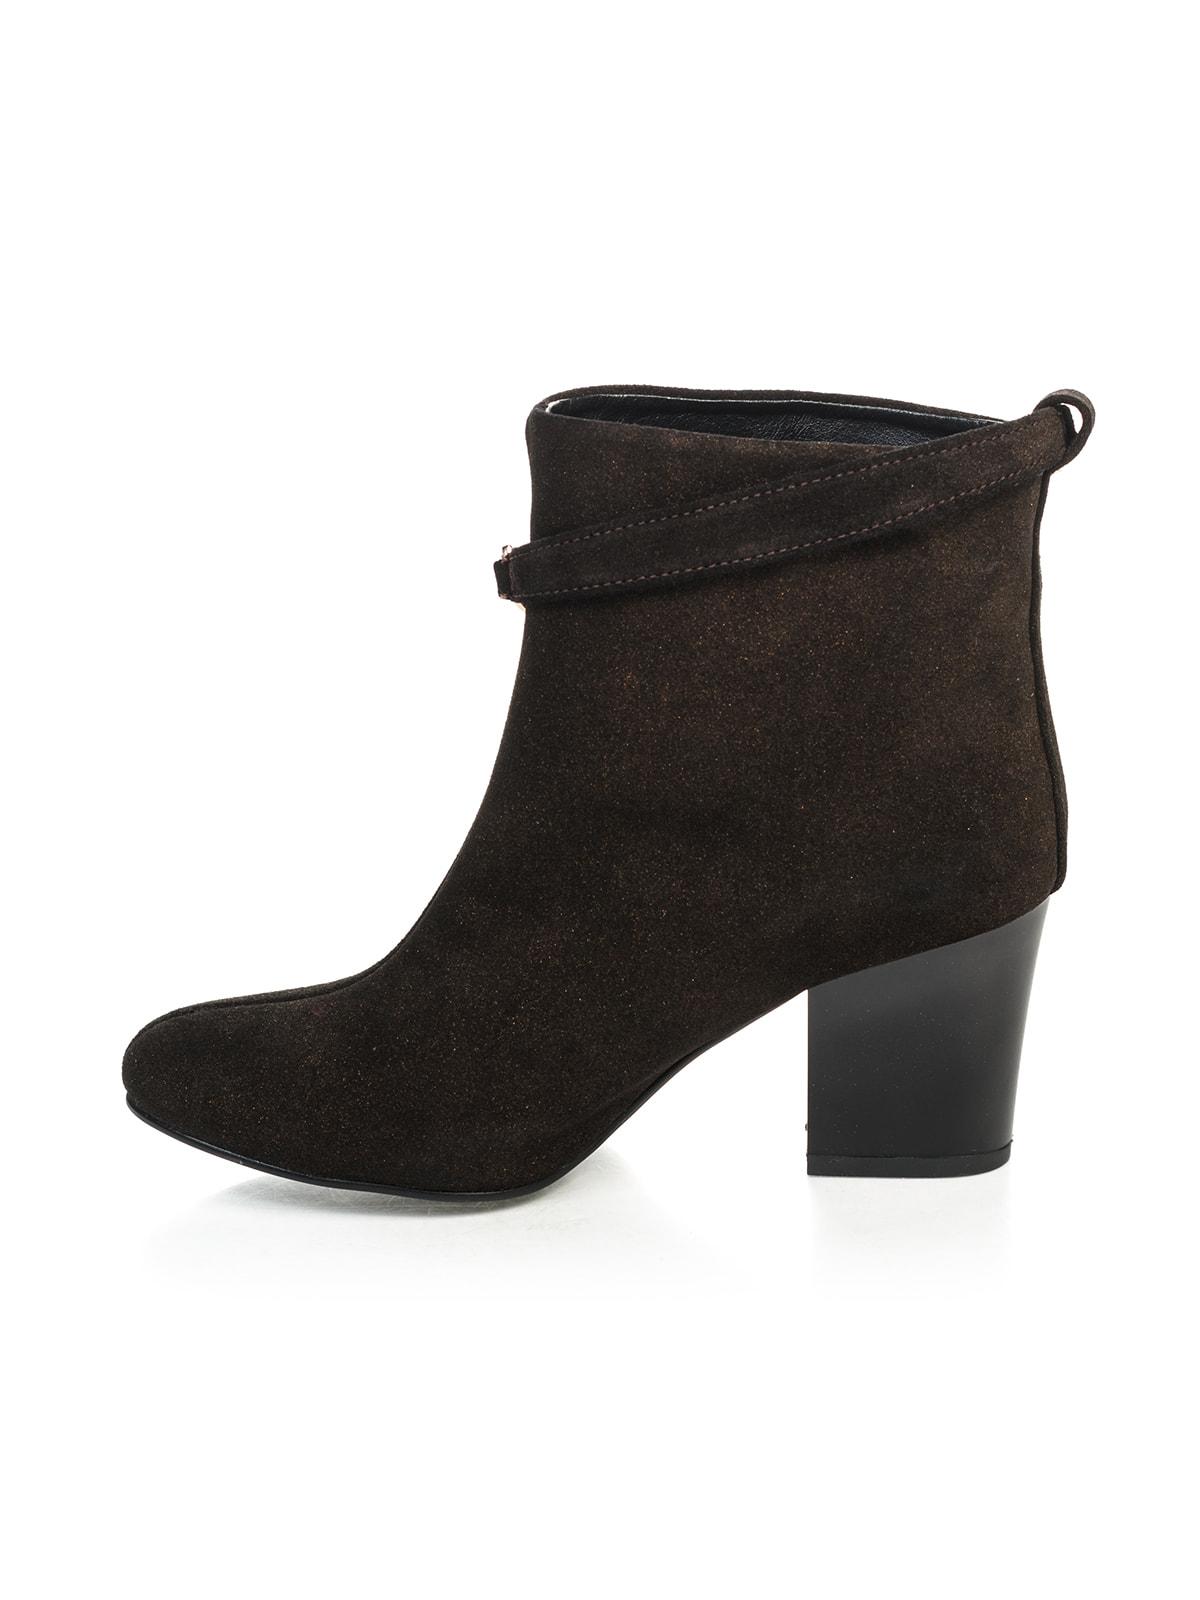 Ботинки коричневые | 4683563 | фото 4